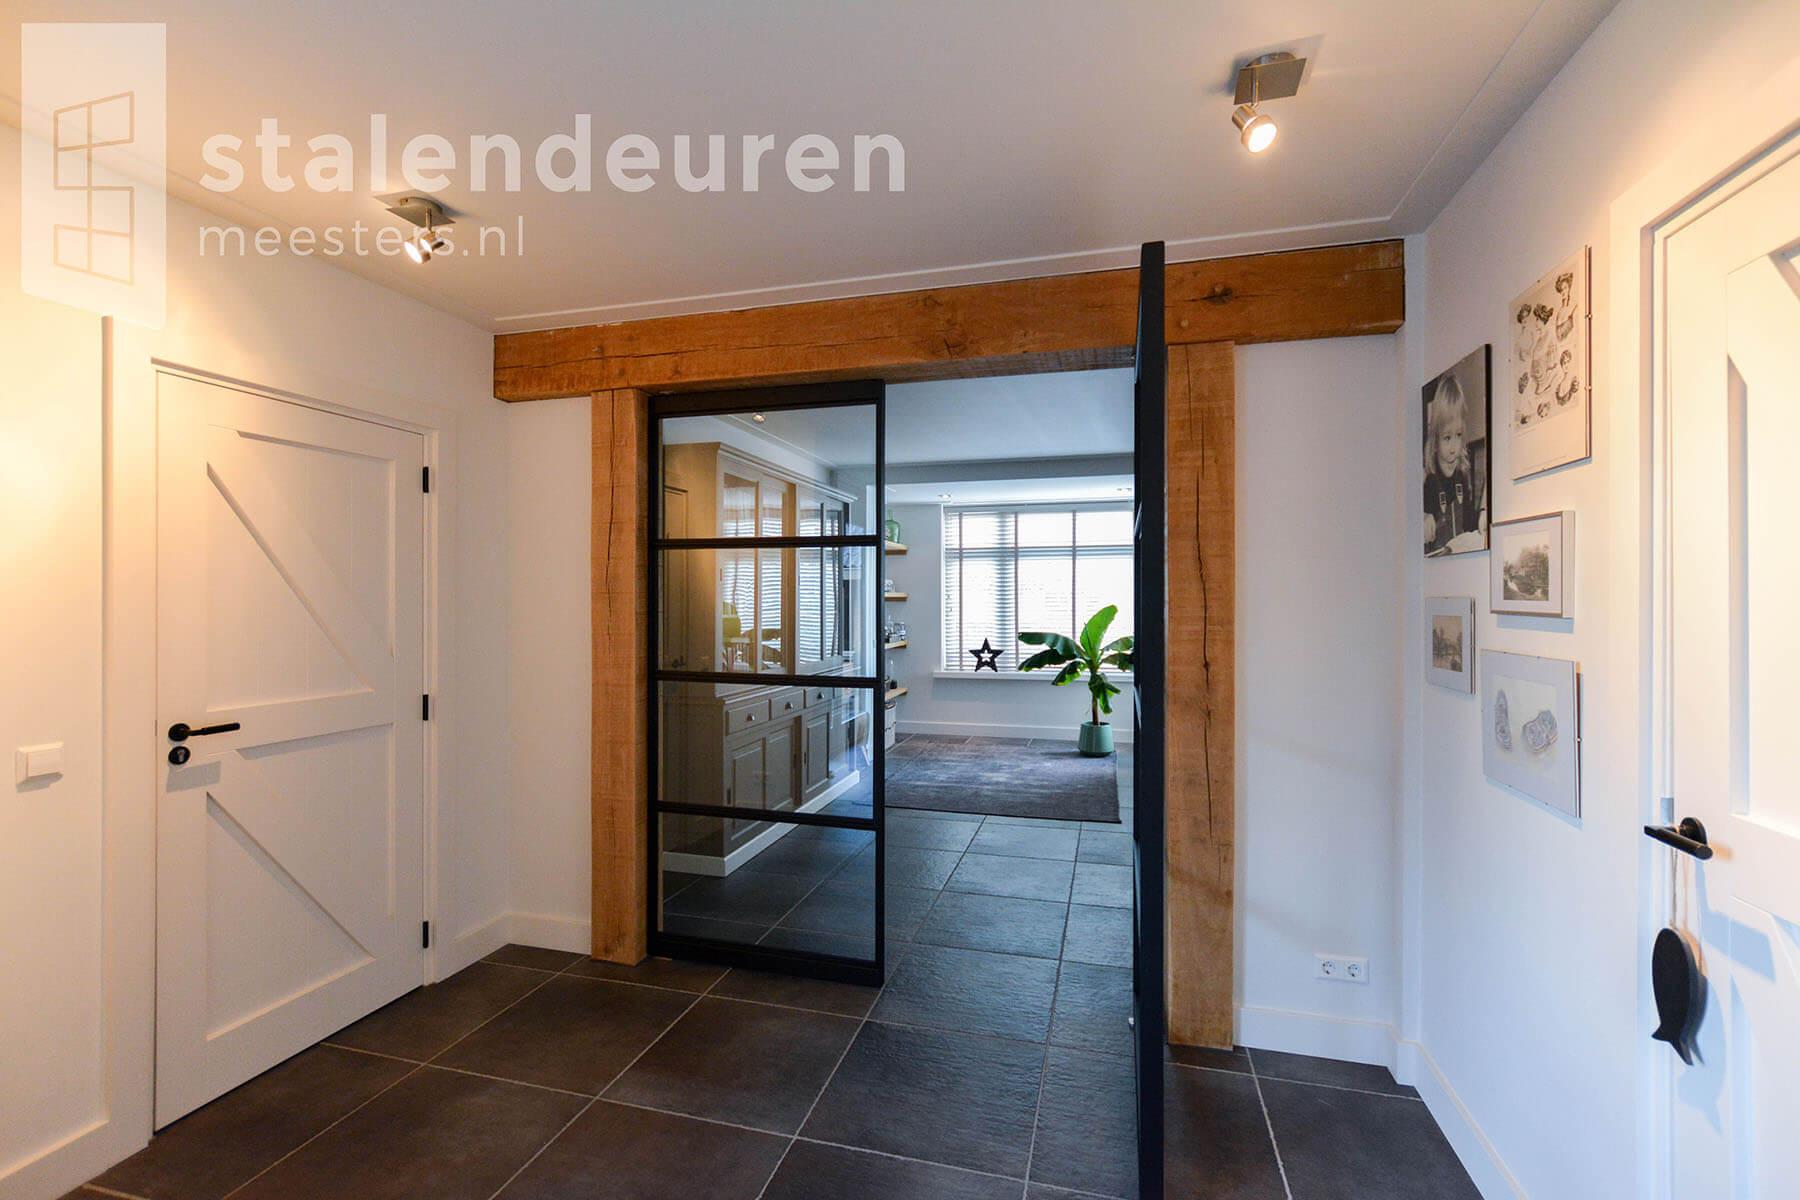 Stalen taatsdeur 1 deur open Broek op Langedijk